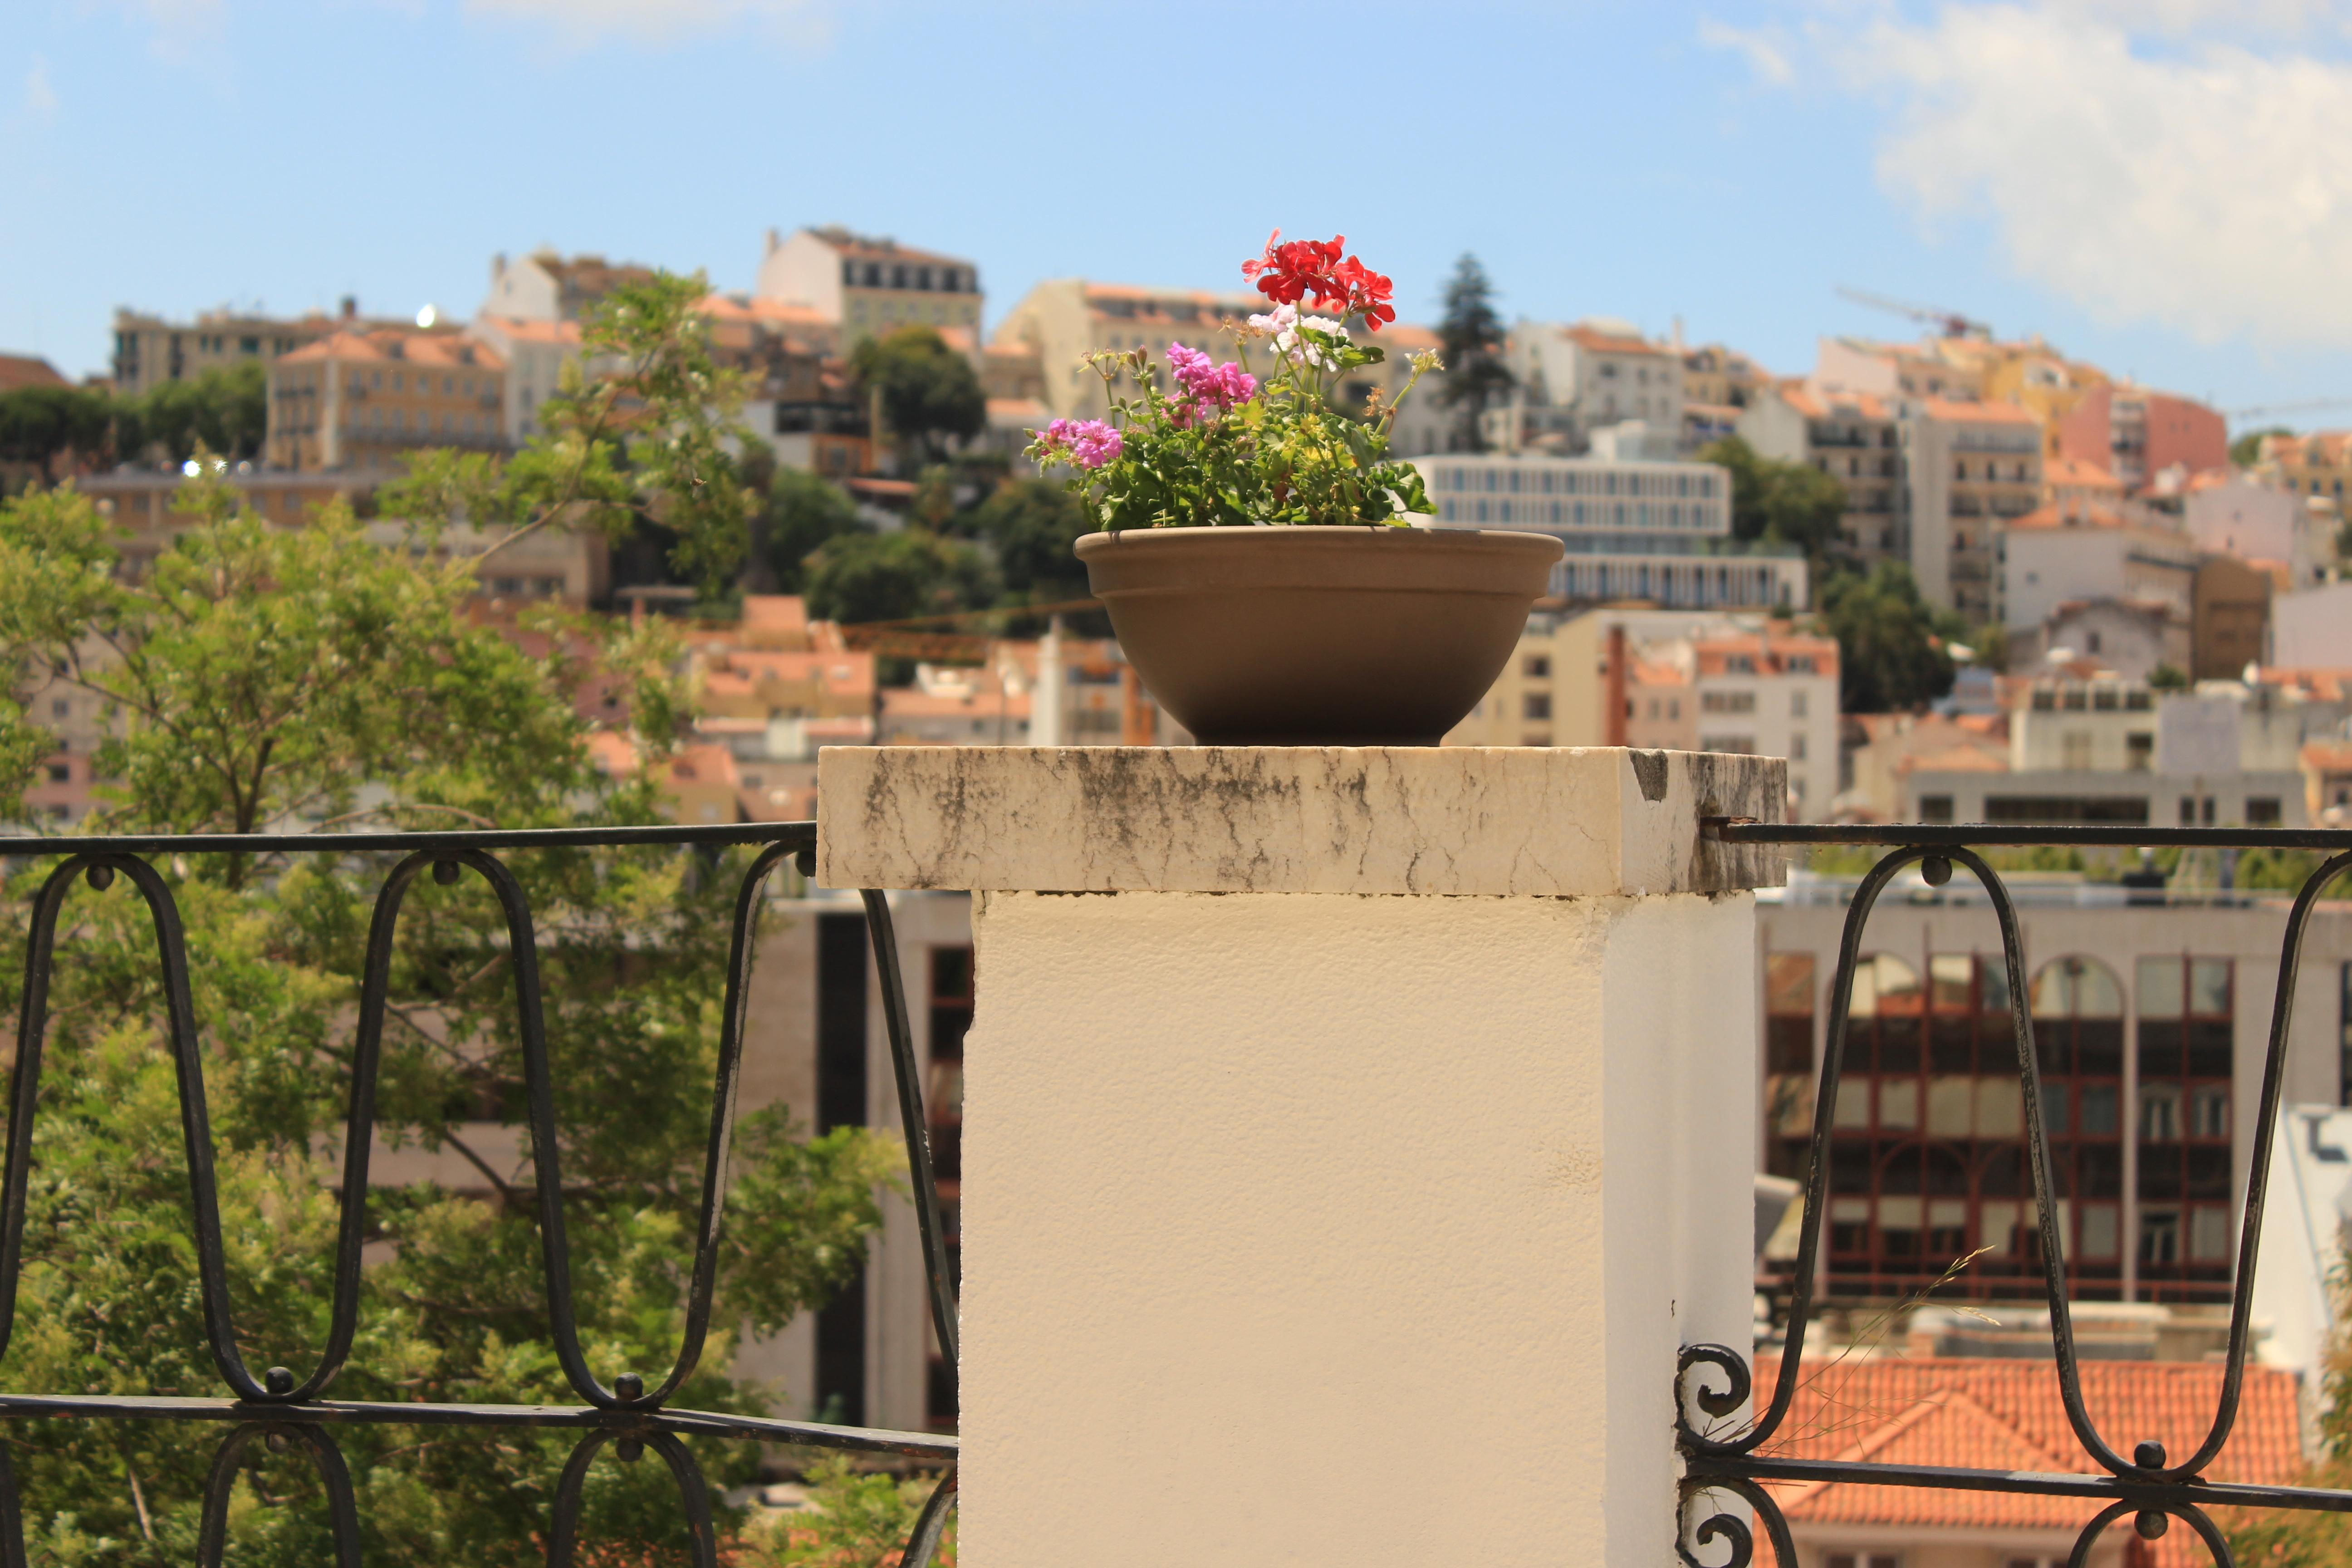 Immagini Belle : fiori, sole, Lisbona, terrazza, cielo, Portogallo ...